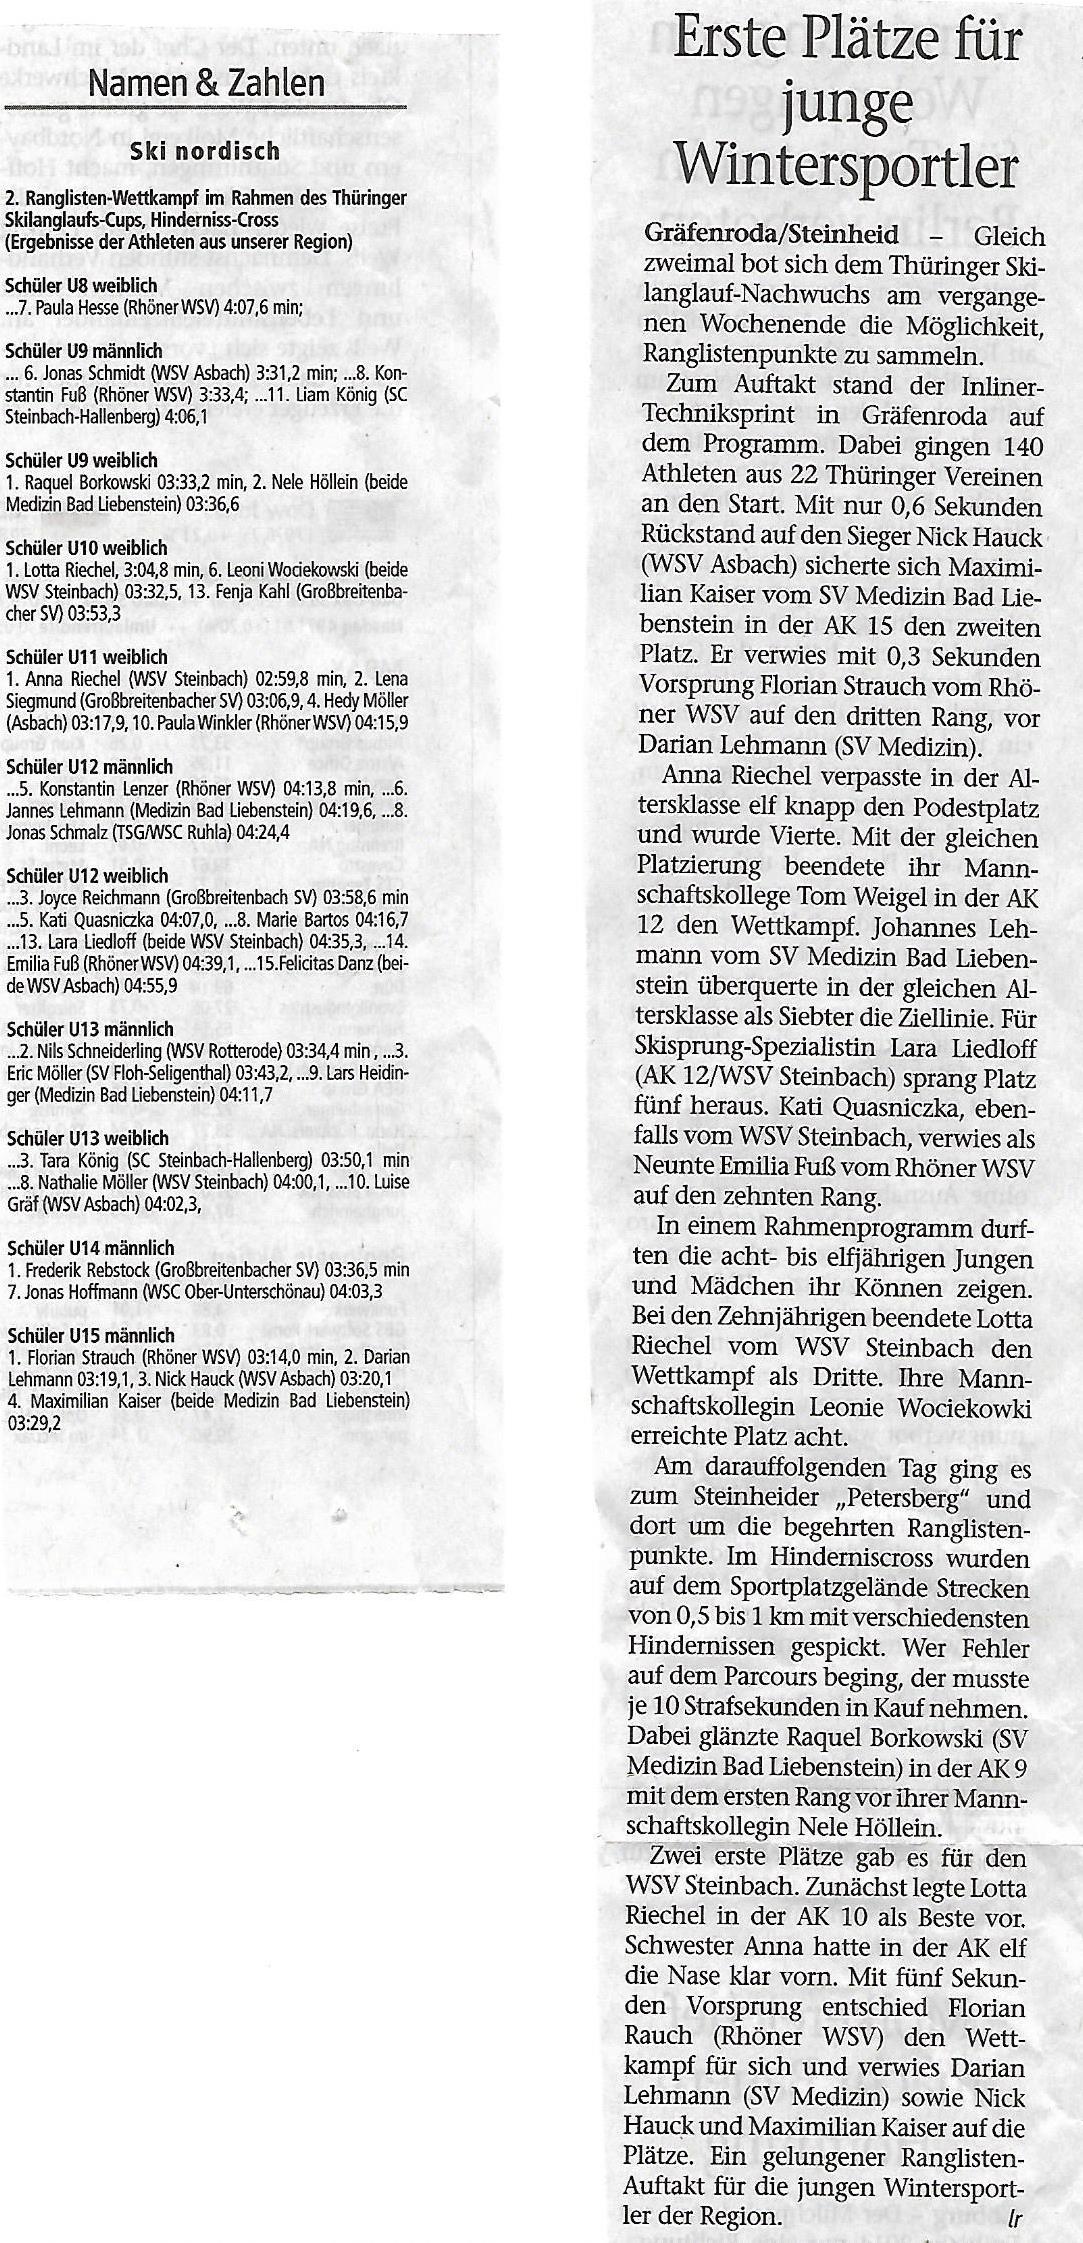 wsv 1907 steinbach e.v. - wsv 1907 steinbach e.v., Hause ideen